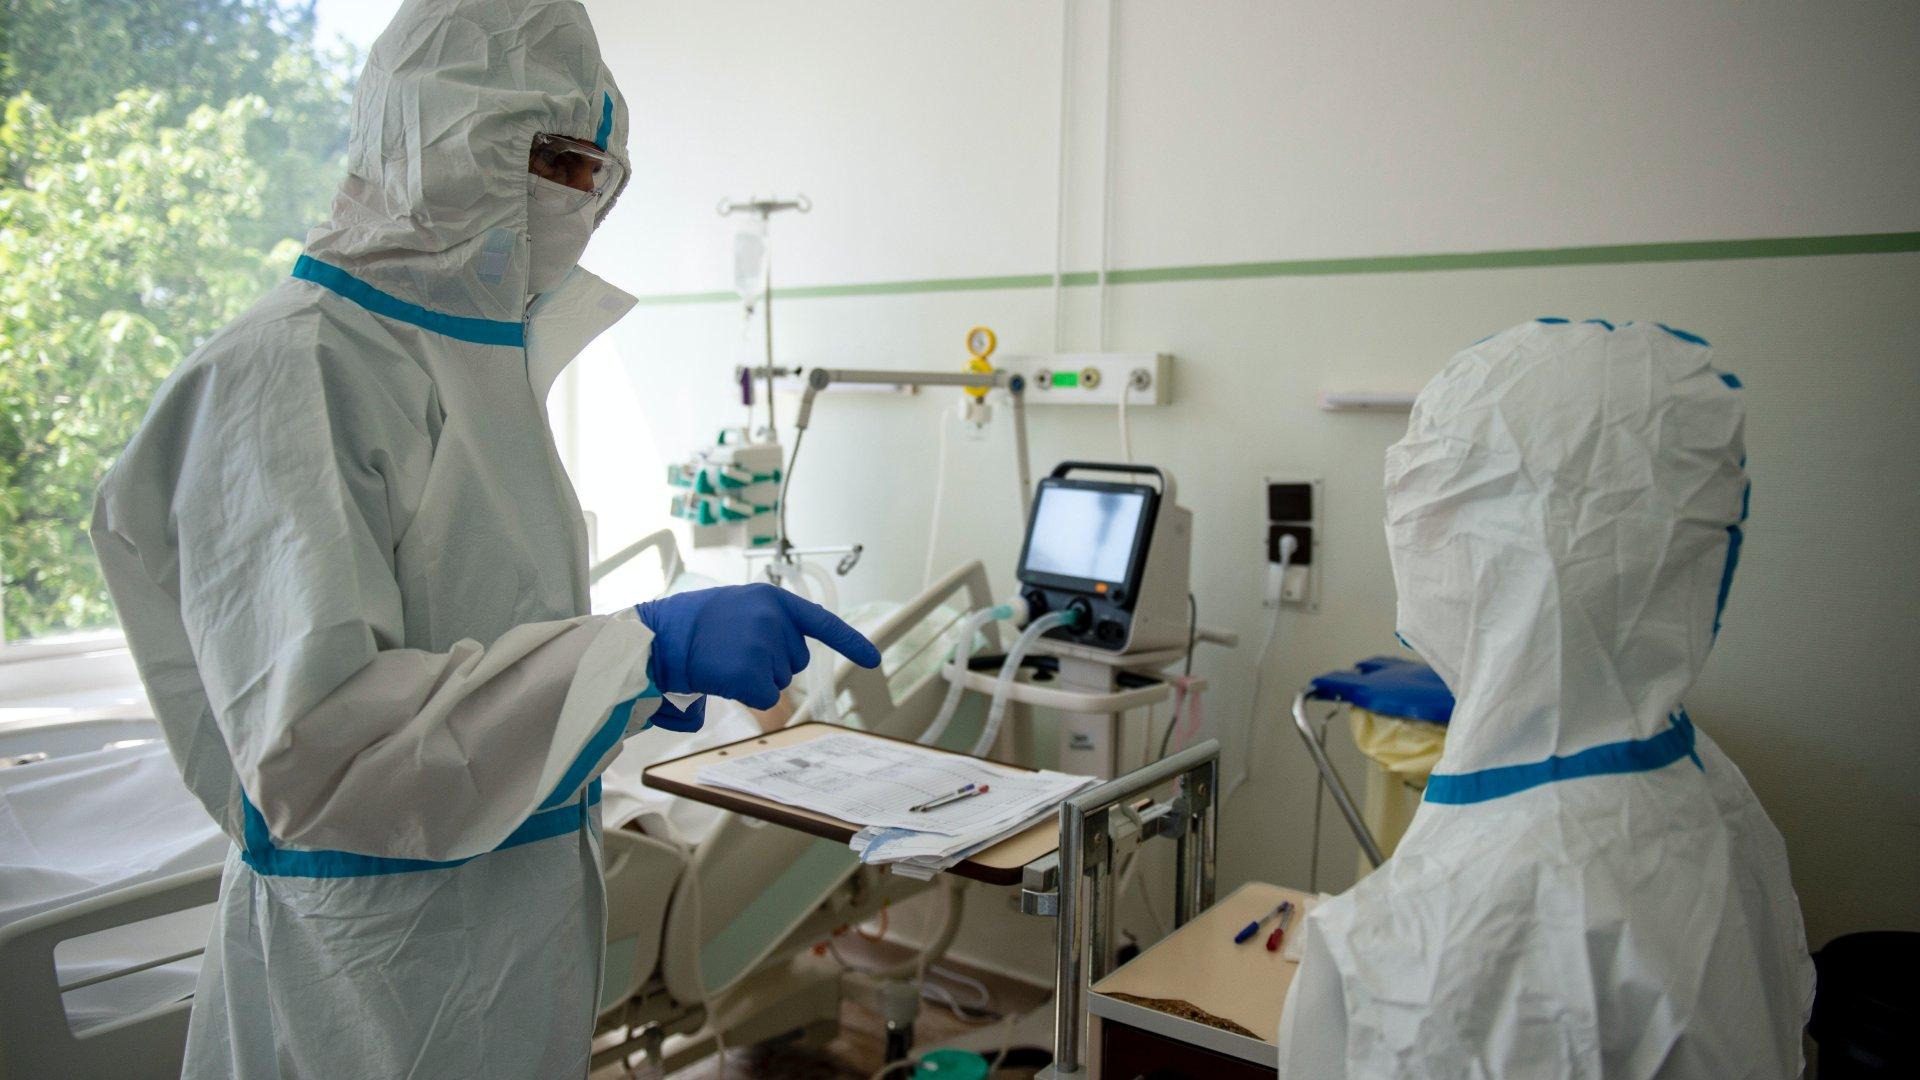 Koronavírus Korányi kórház